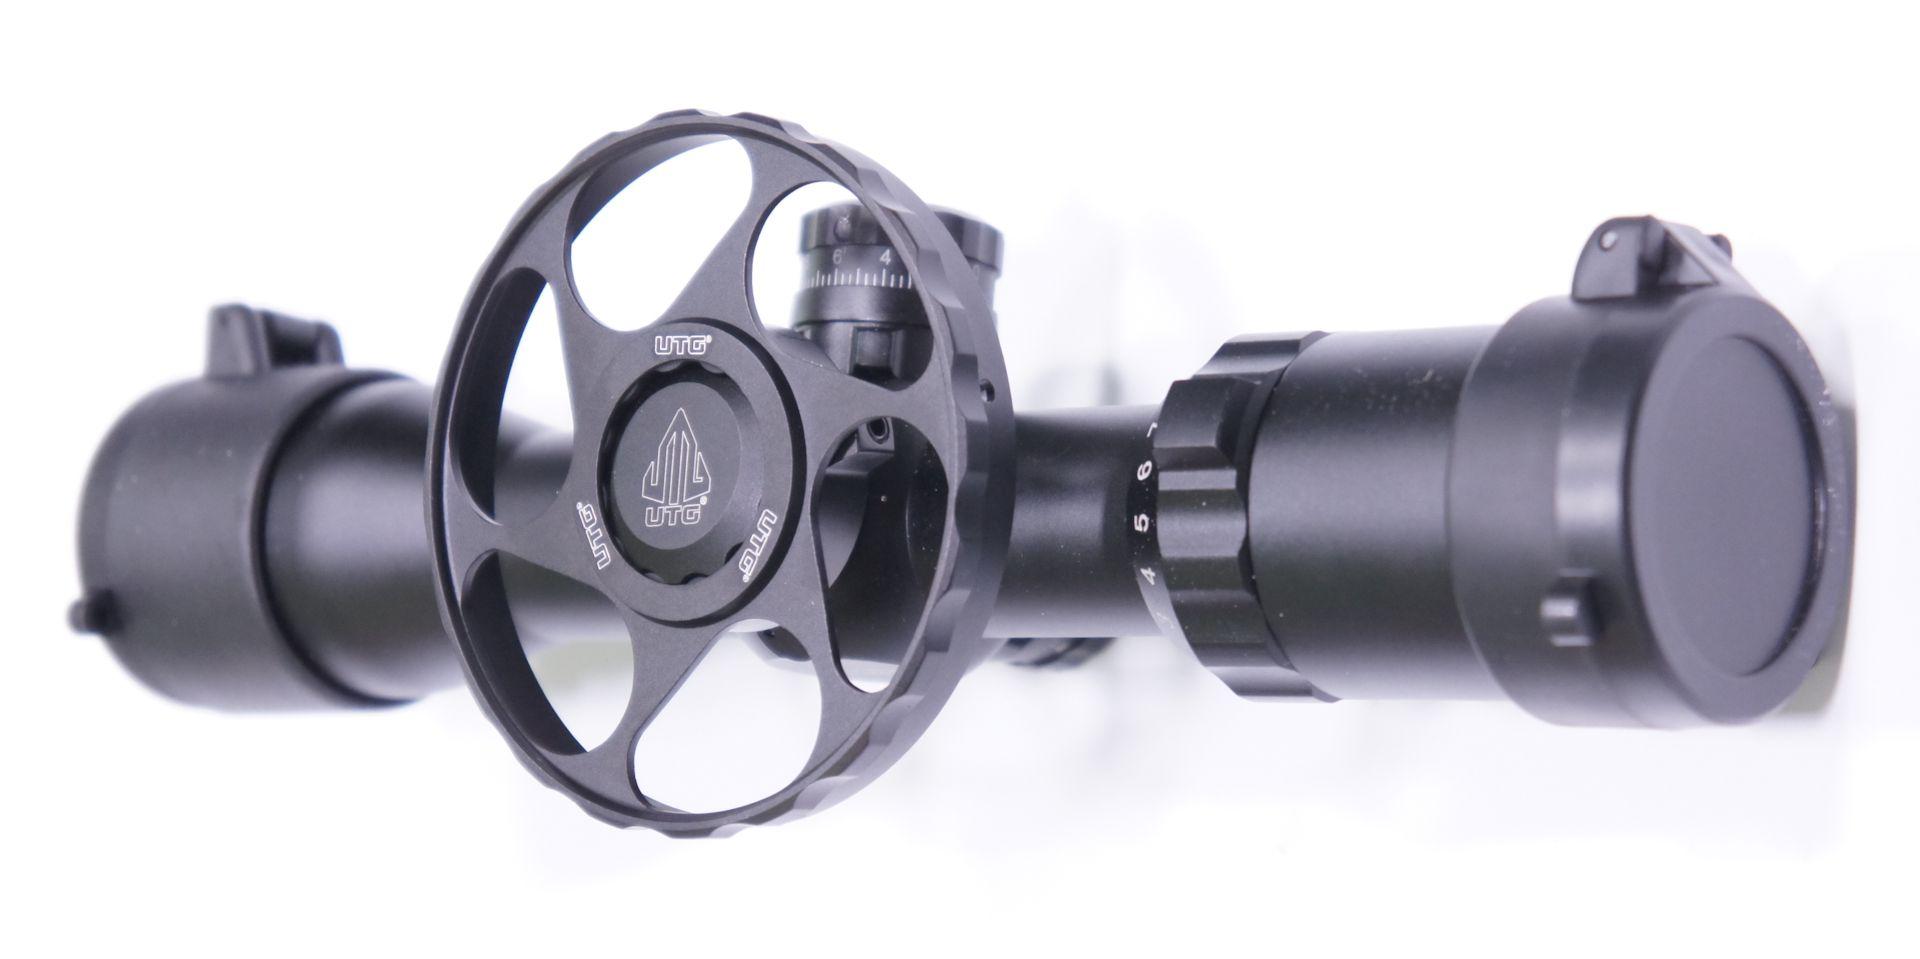 Montagebeipiel UTG Zielfernrohr 3-12x32 mit Stellrad